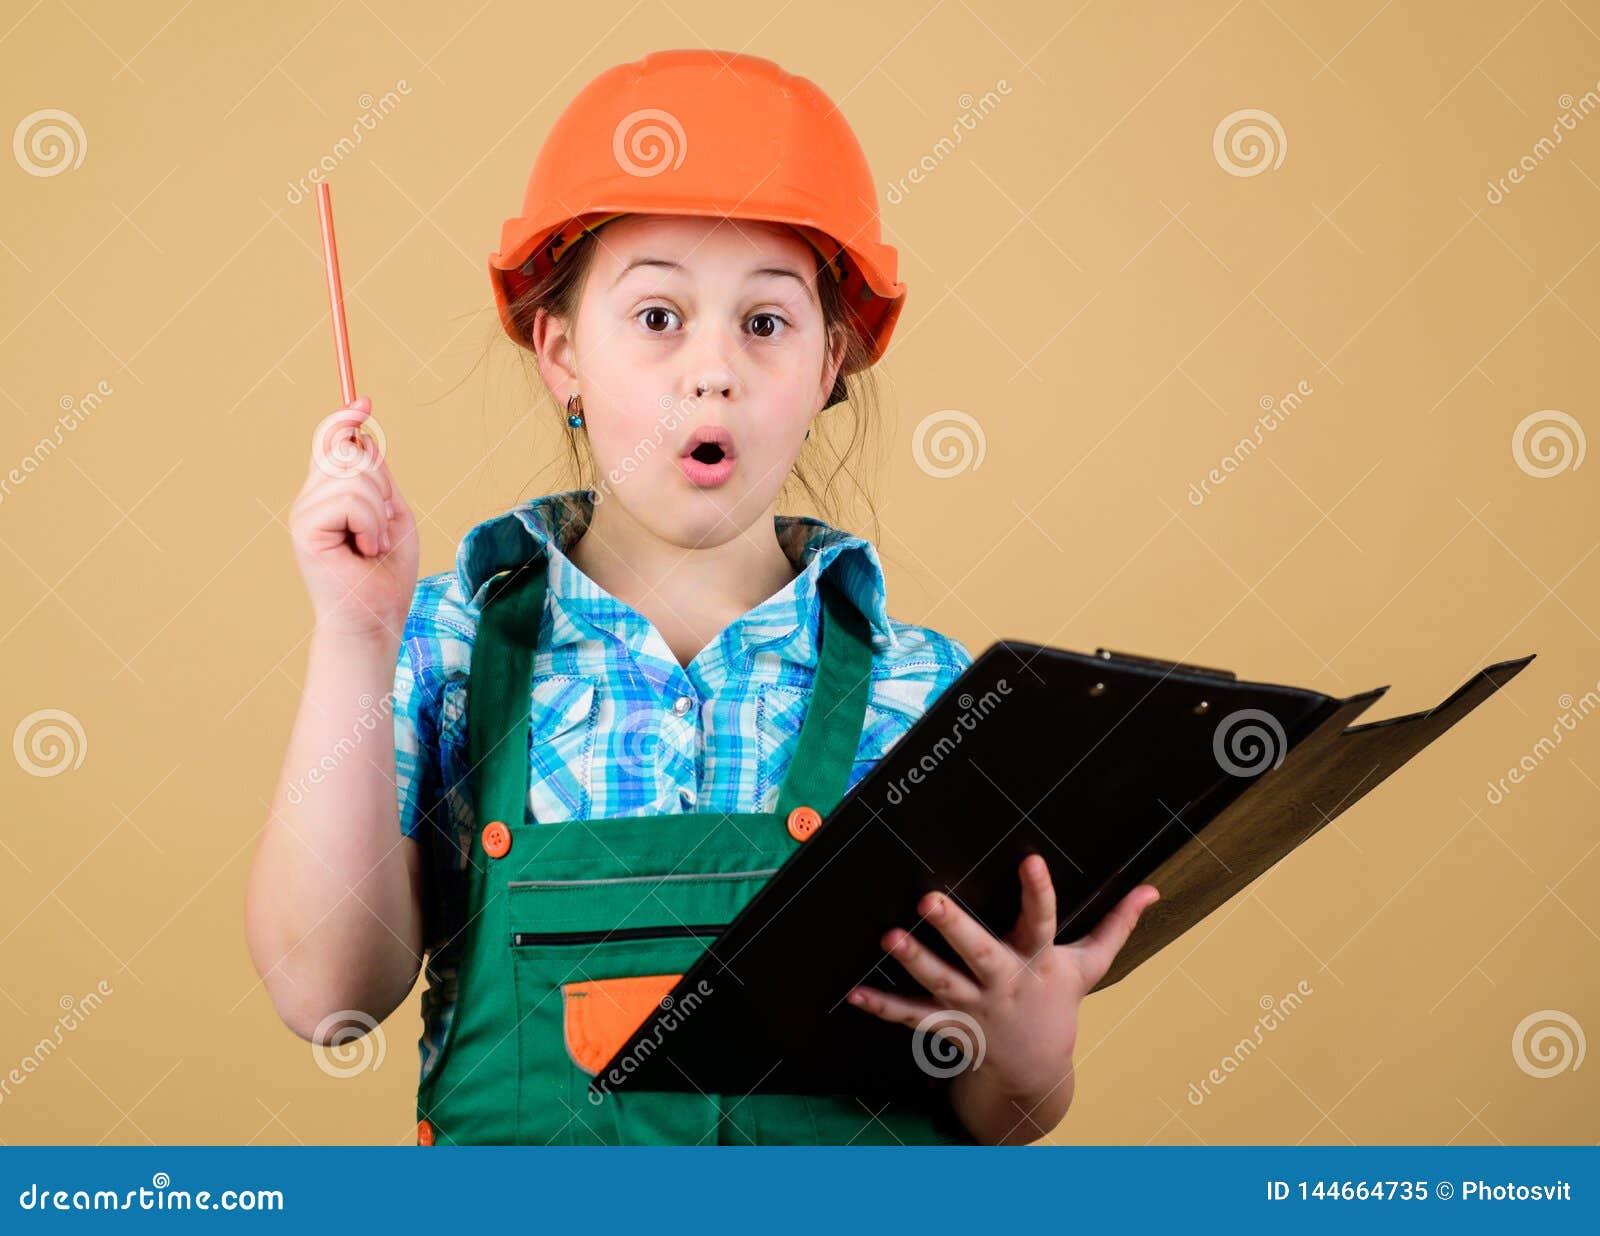 Planeamiento del capataz Arquitecto del ingeniero del constructor Profesión futura Muchacha del constructor del niño Construya su